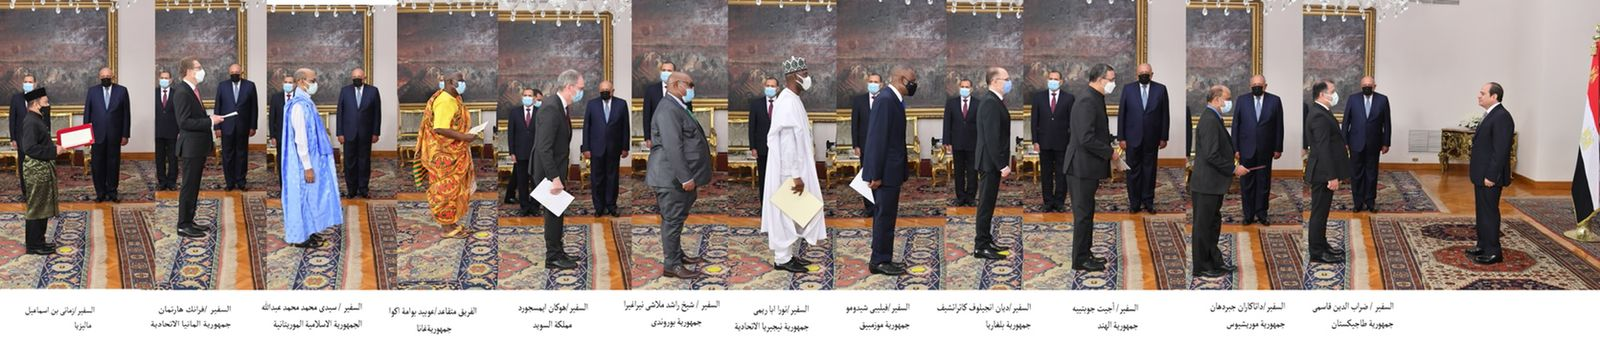 الرئيس السيسي يتسلم أوراق اعتماد أربعة وعشرين سفيرًا جديداً (2)